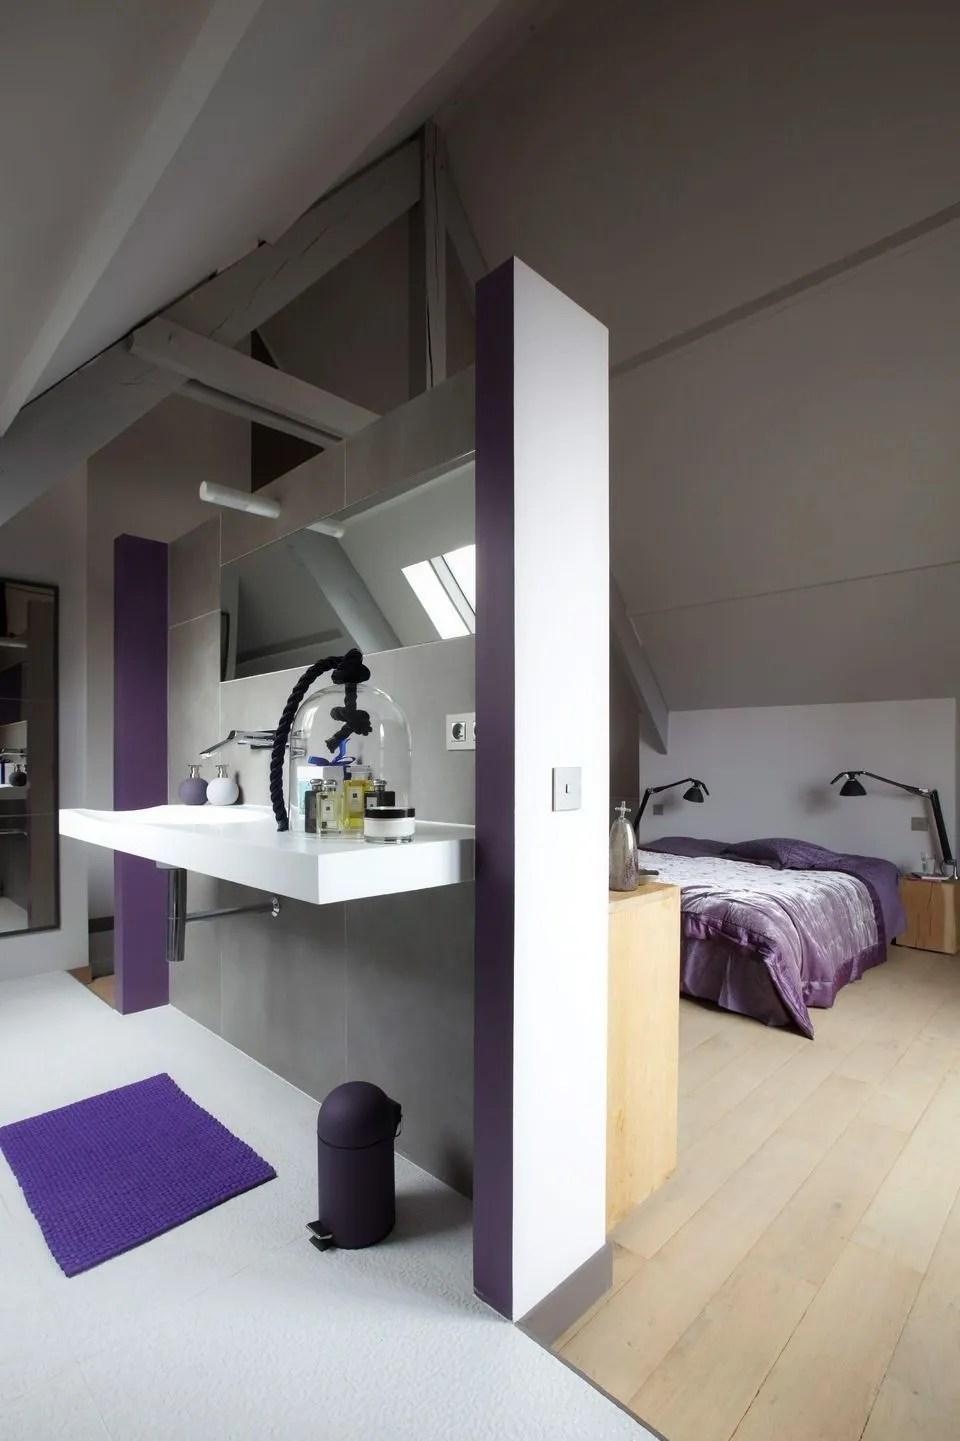 Chambre Avec Salle De Bain Integree - Décoration de maison idées de ...